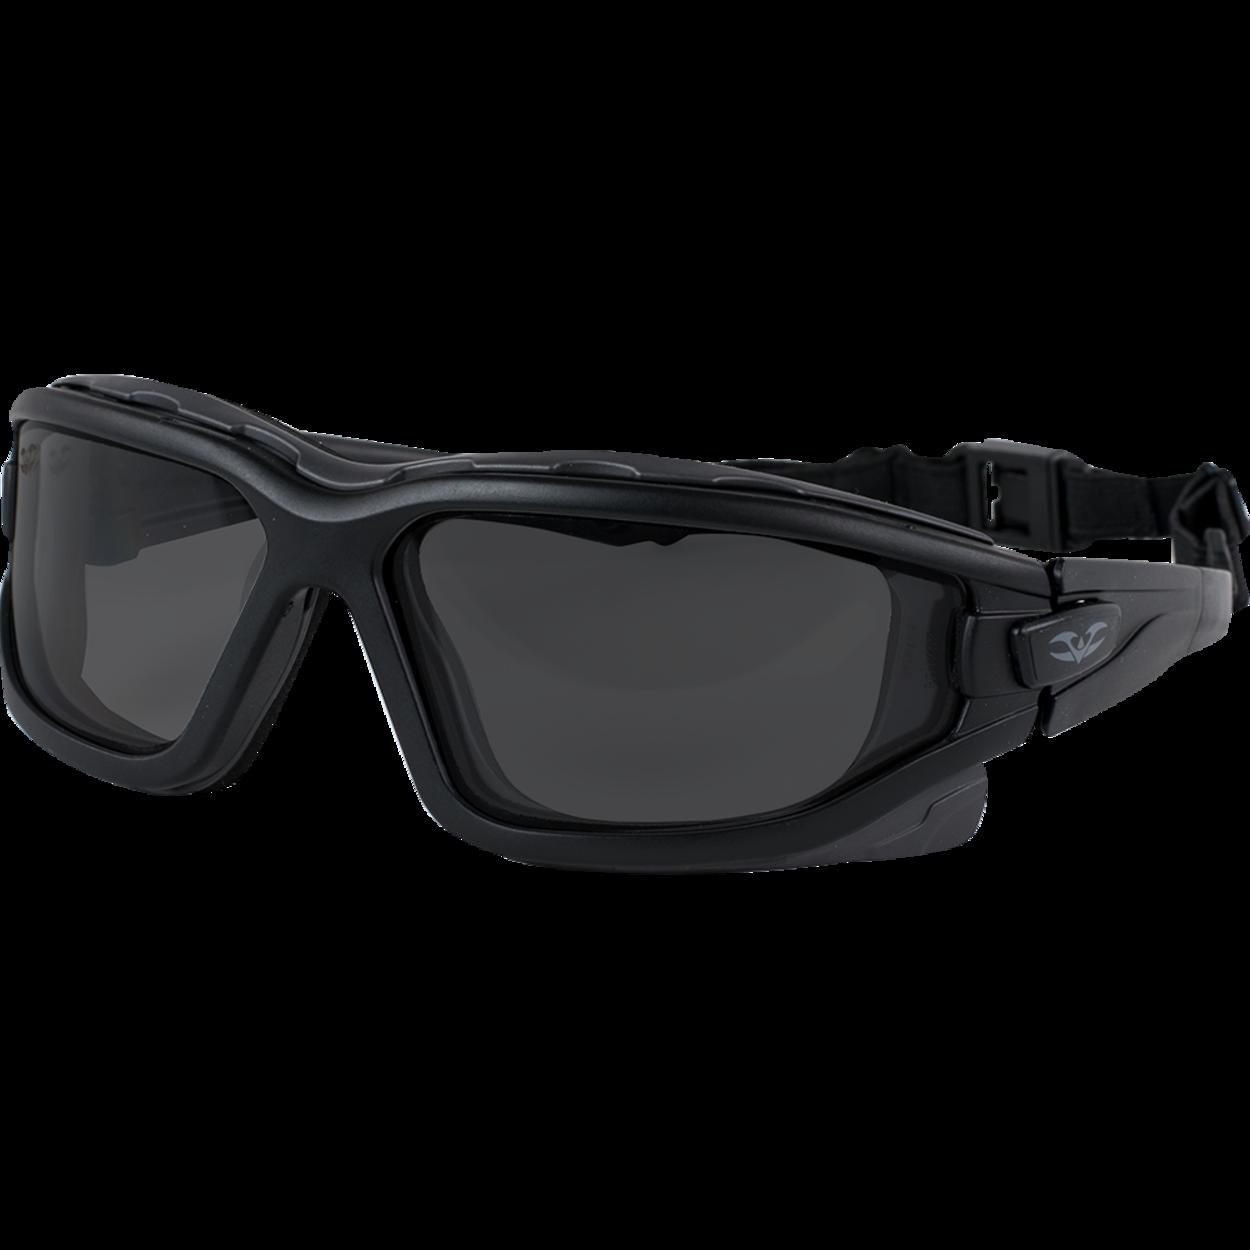 Airsoft Brille / Schießbrille Valken Zulu smoke